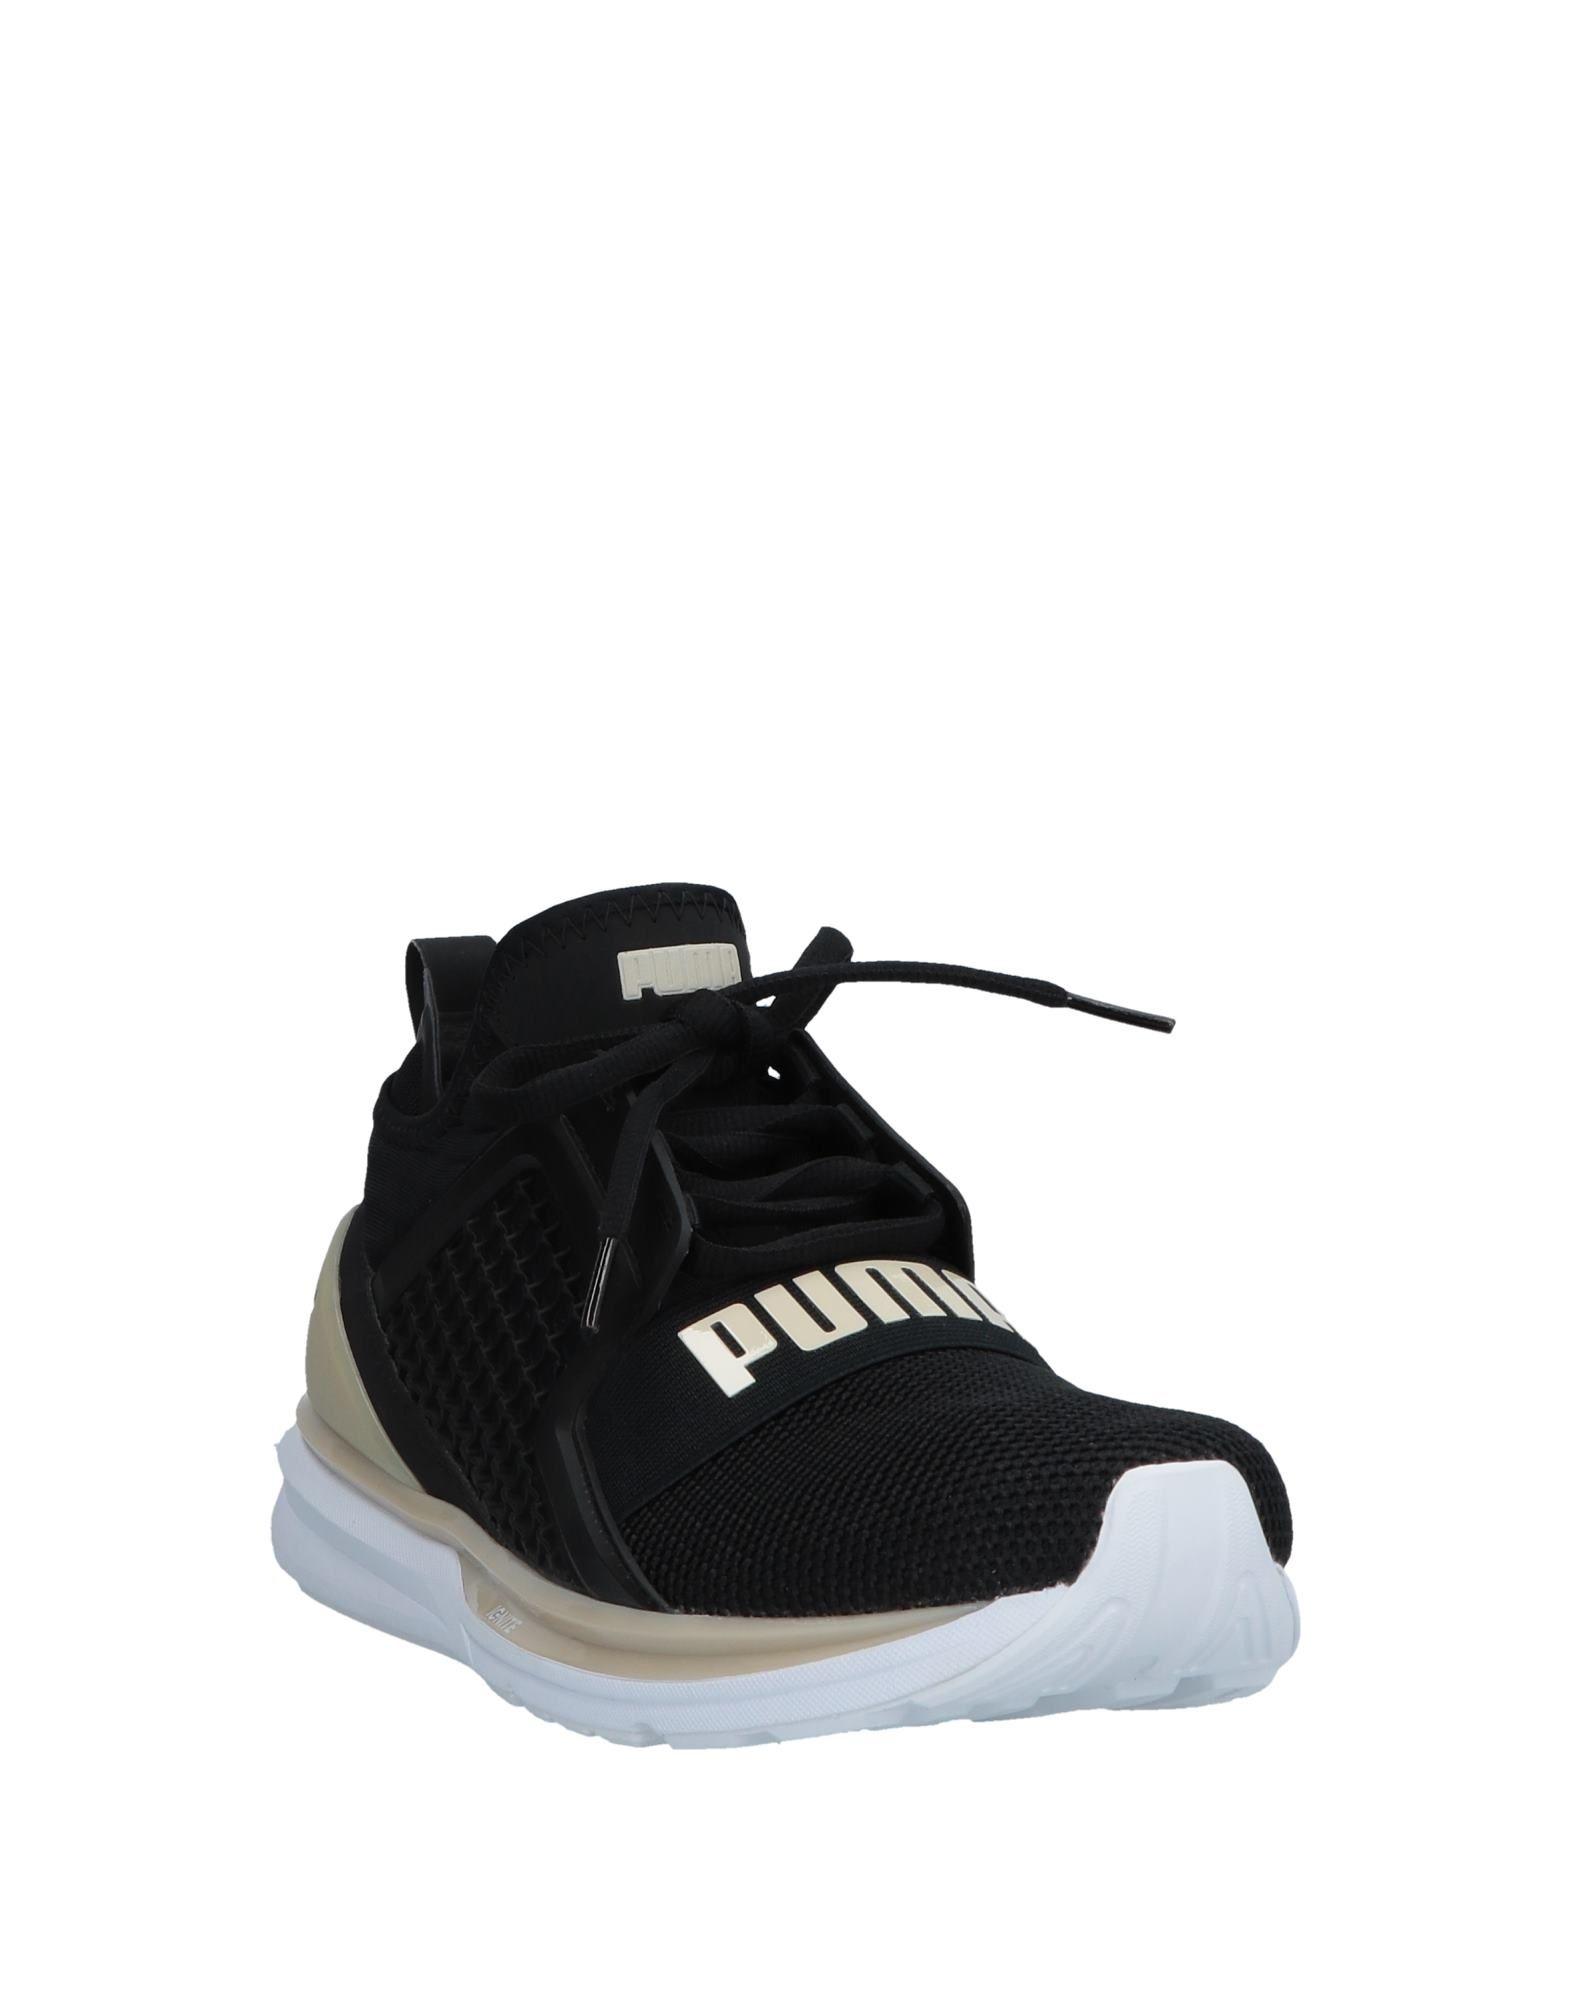 Puma Puma Puma Sneakers Herren Gutes Preis-Leistungs-Verhältnis, es lohnt sich 8a89fc